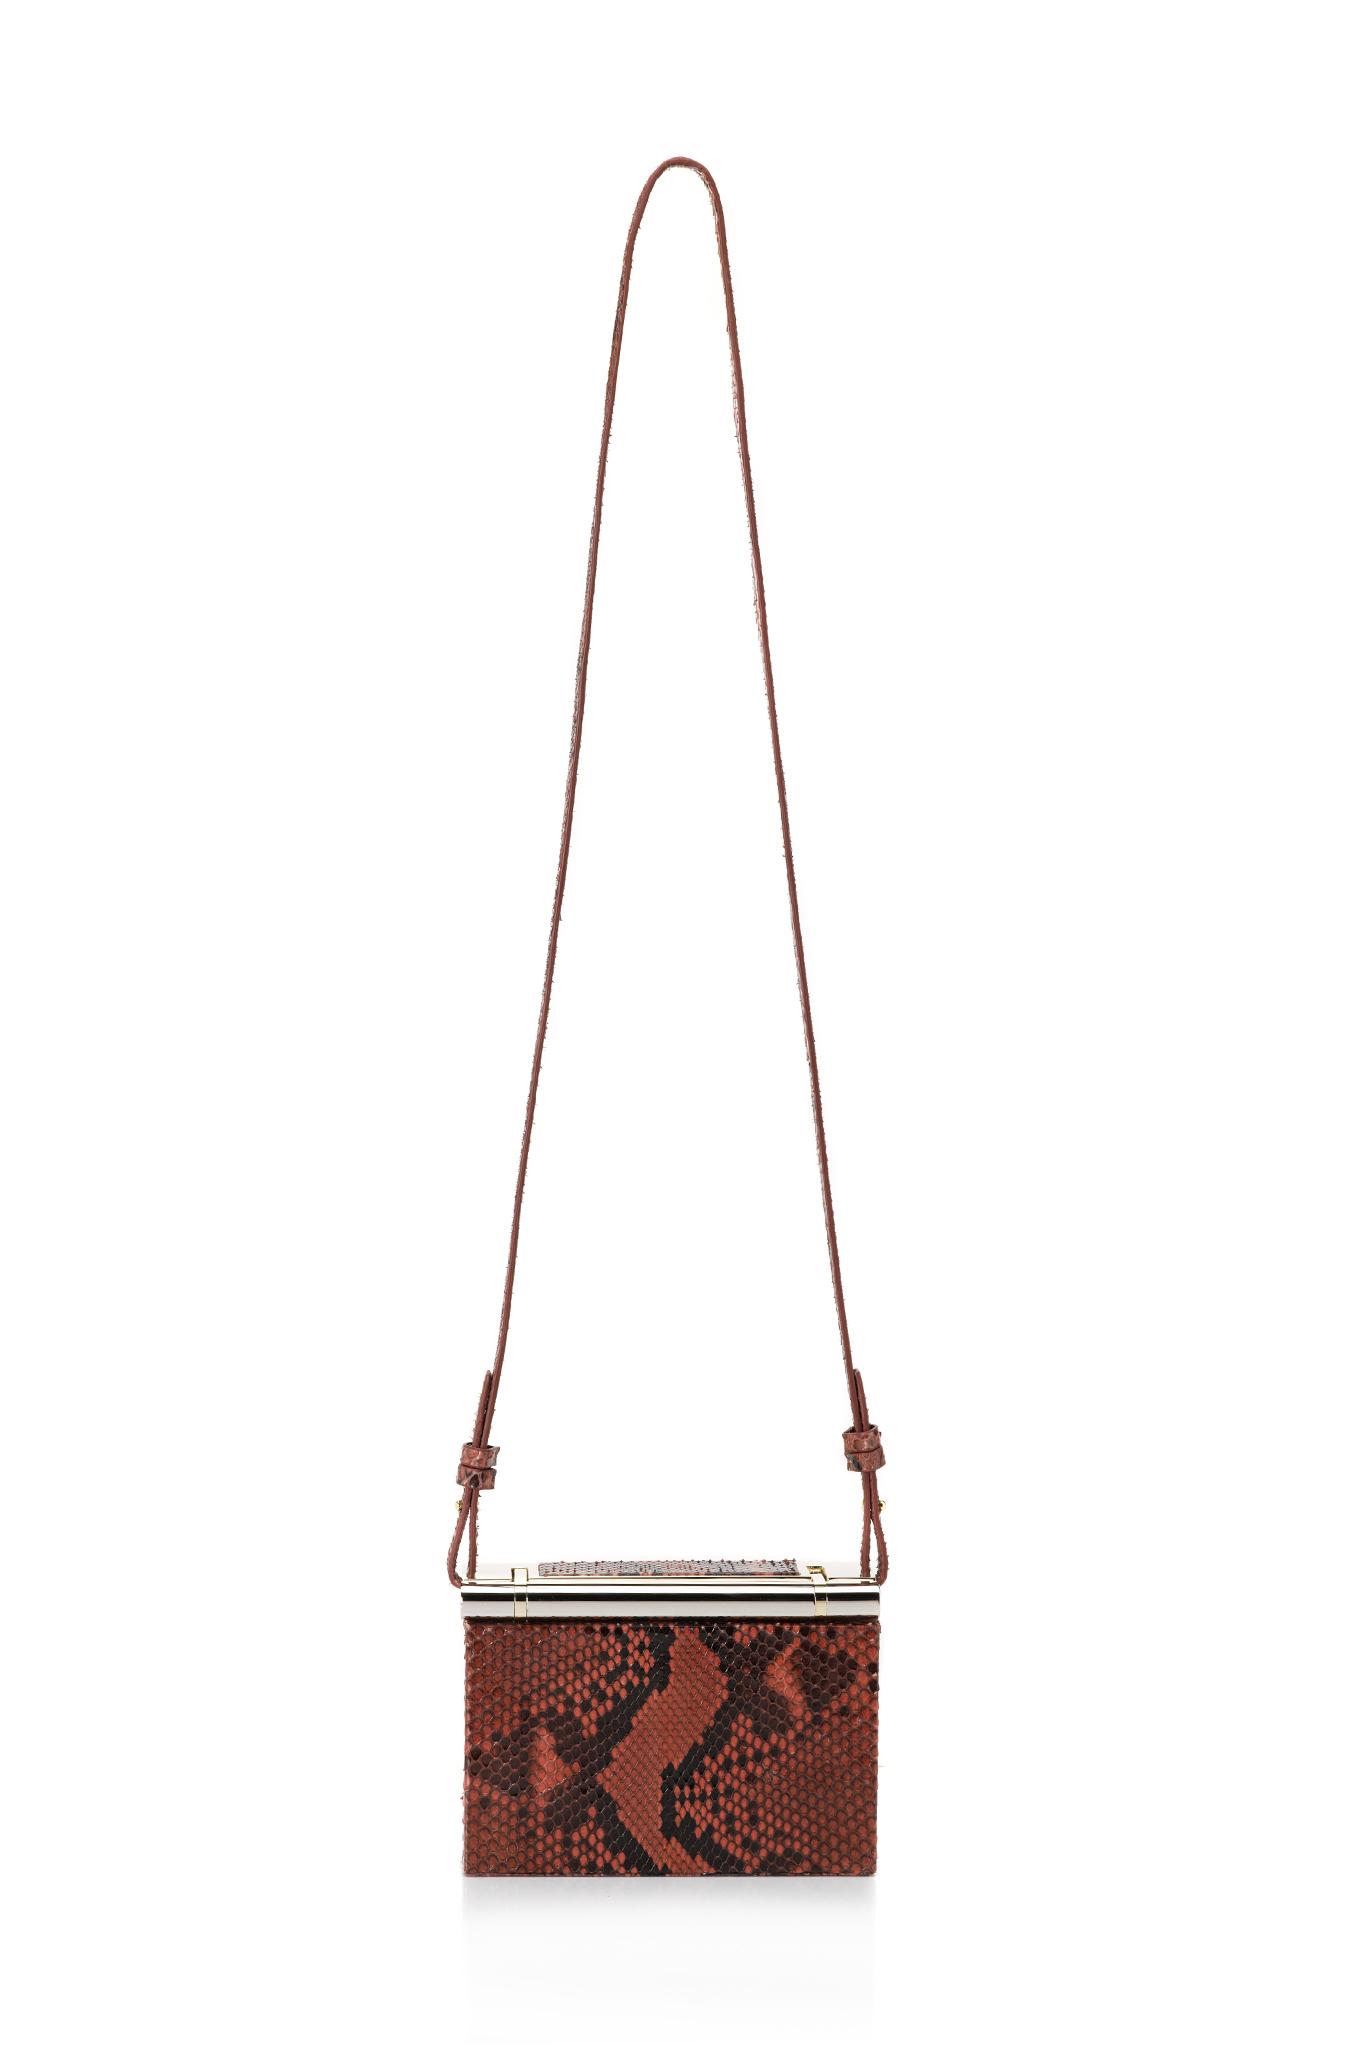 04-02-bags.jpg